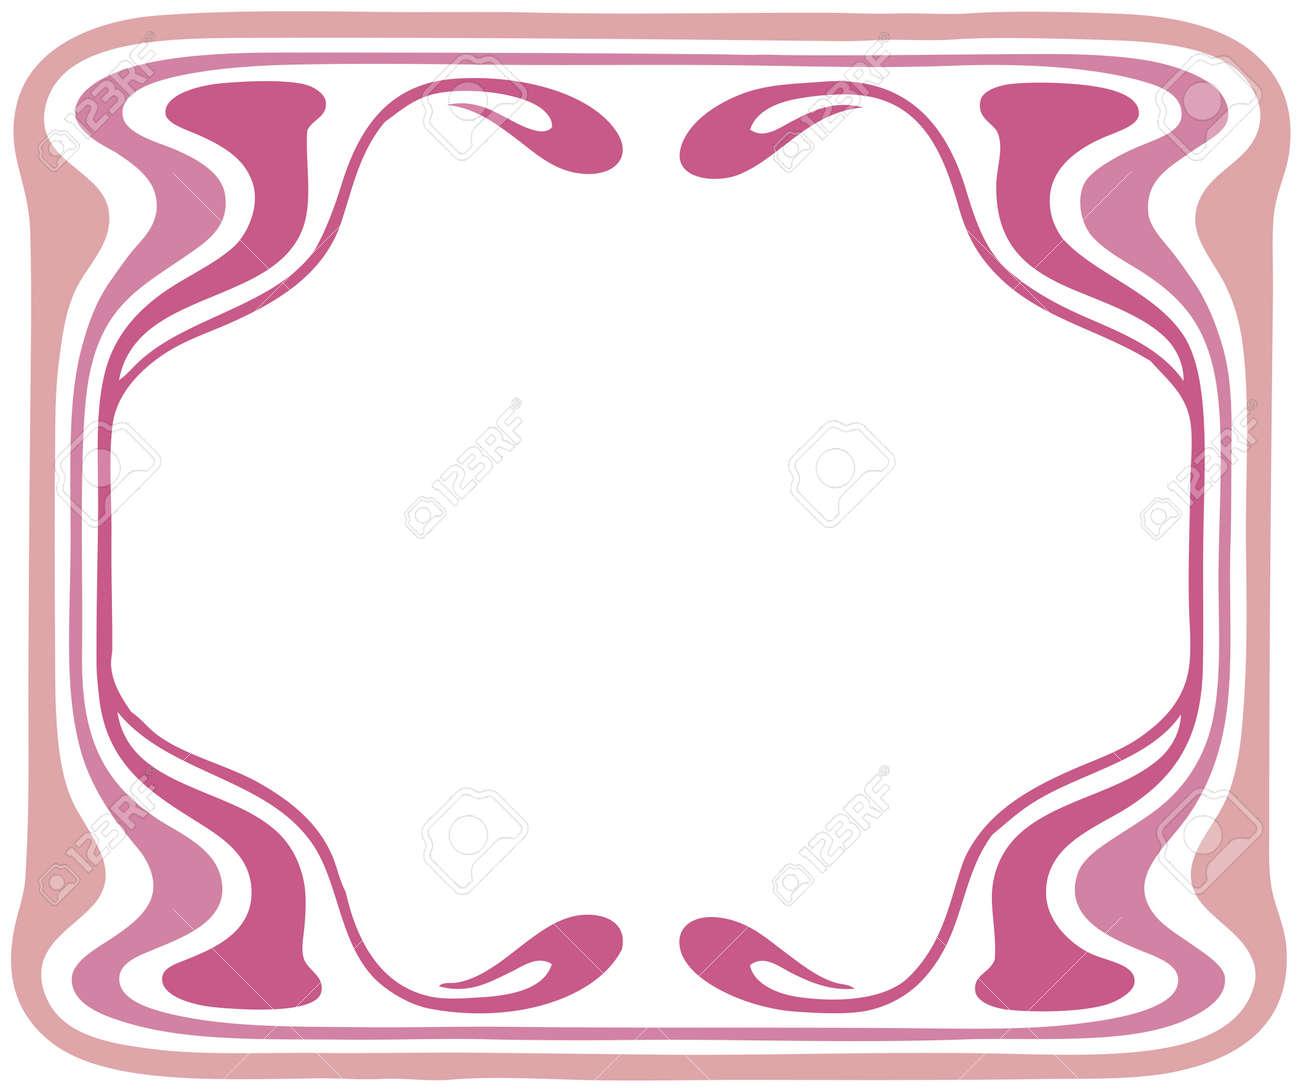 Beautiful decorative floral frame, art nouveau design element Stock Vector - 16104270